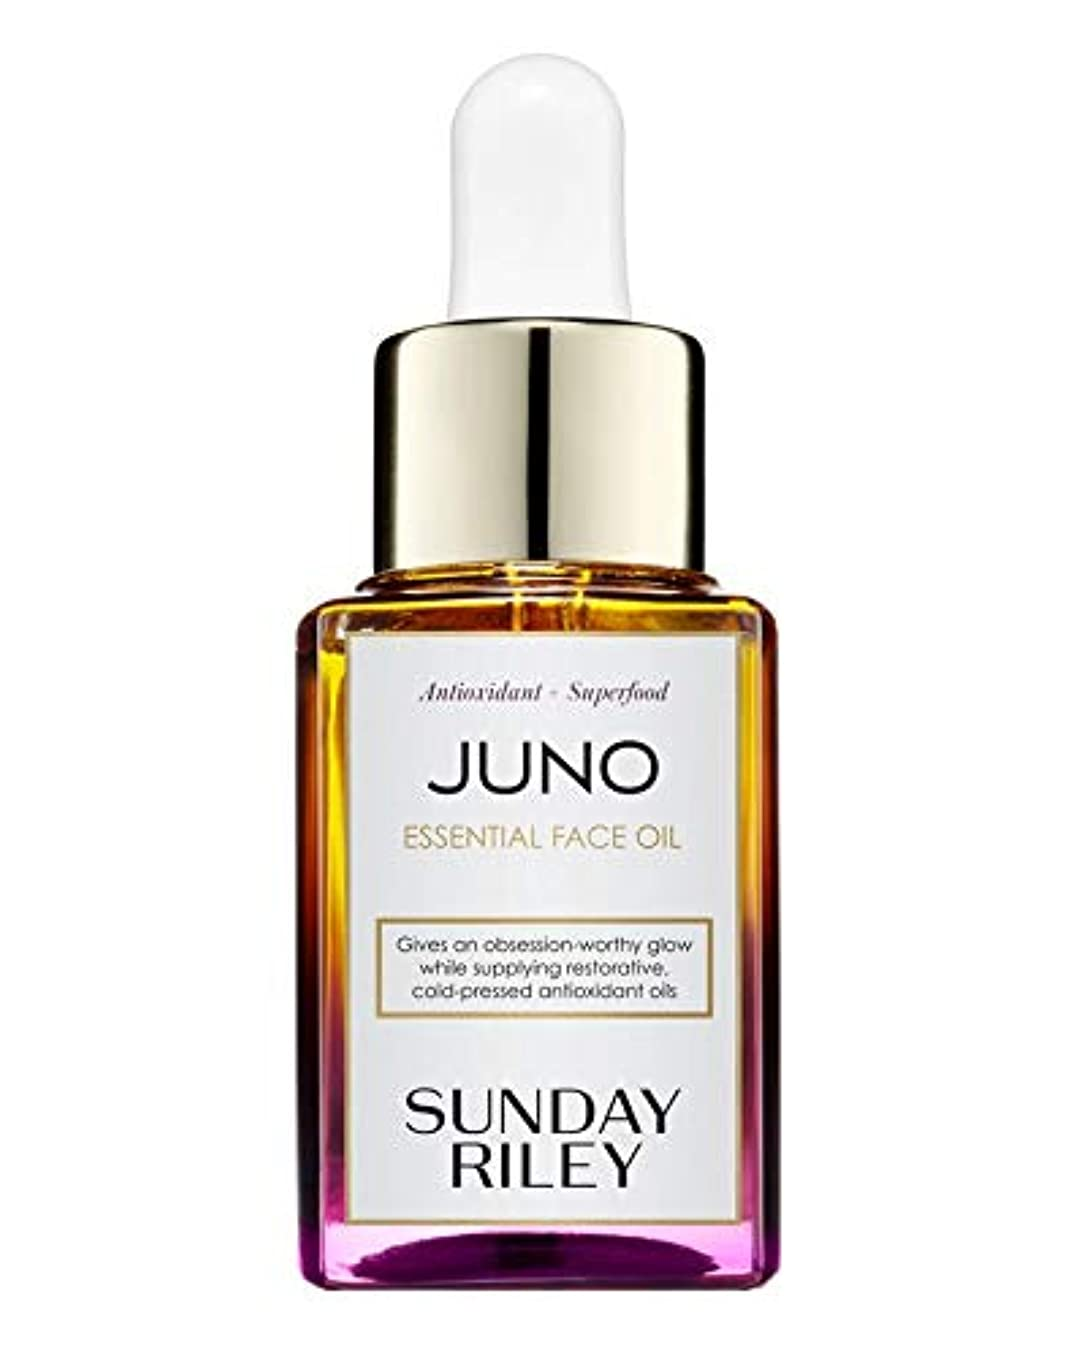 ウッズ大破経験Sunday Riley Juno Hydroactive Cellular Face Oil 15ml サンデーライリー ジュノ フェイスオイル